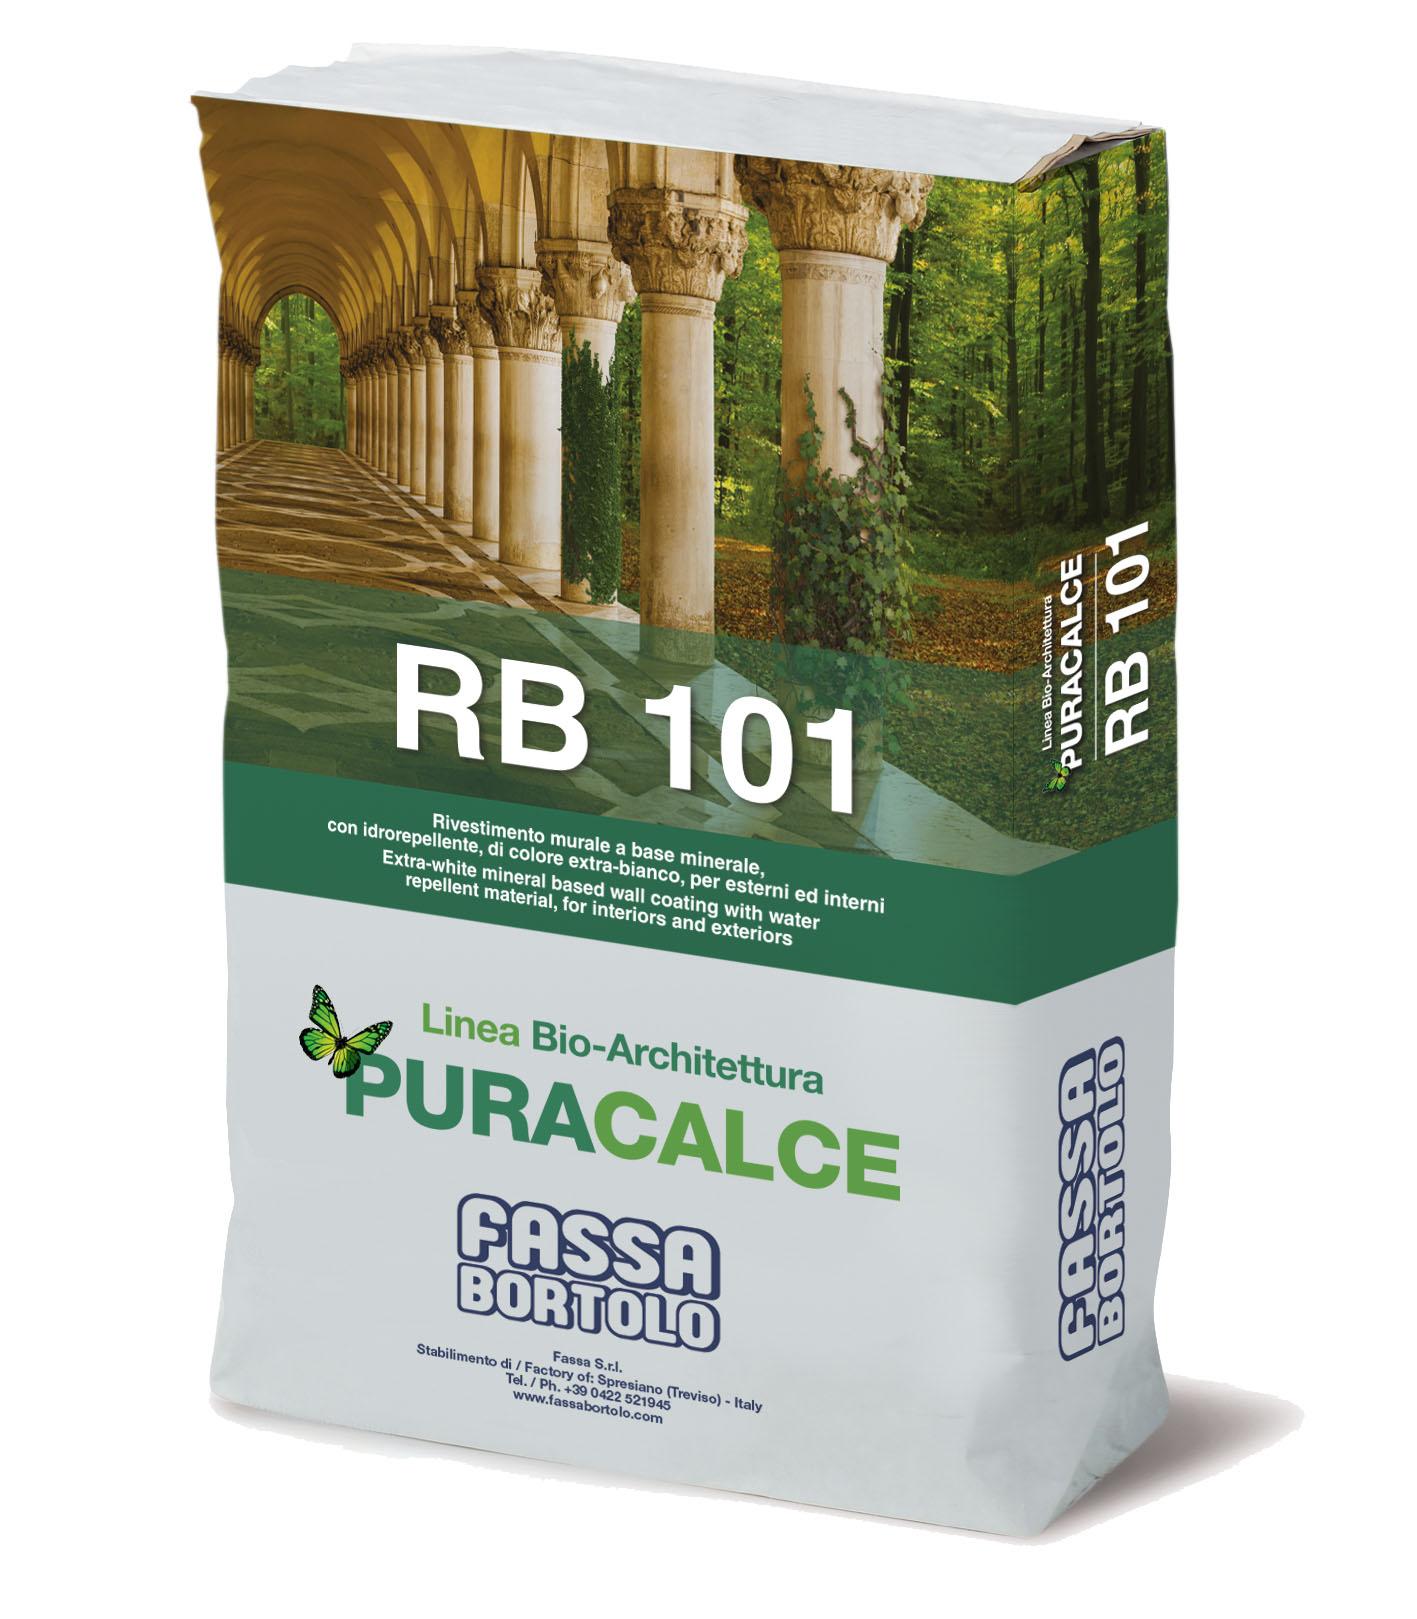 RB 101: Bio-revestimento extra-branco de base mineral para interior e exterior